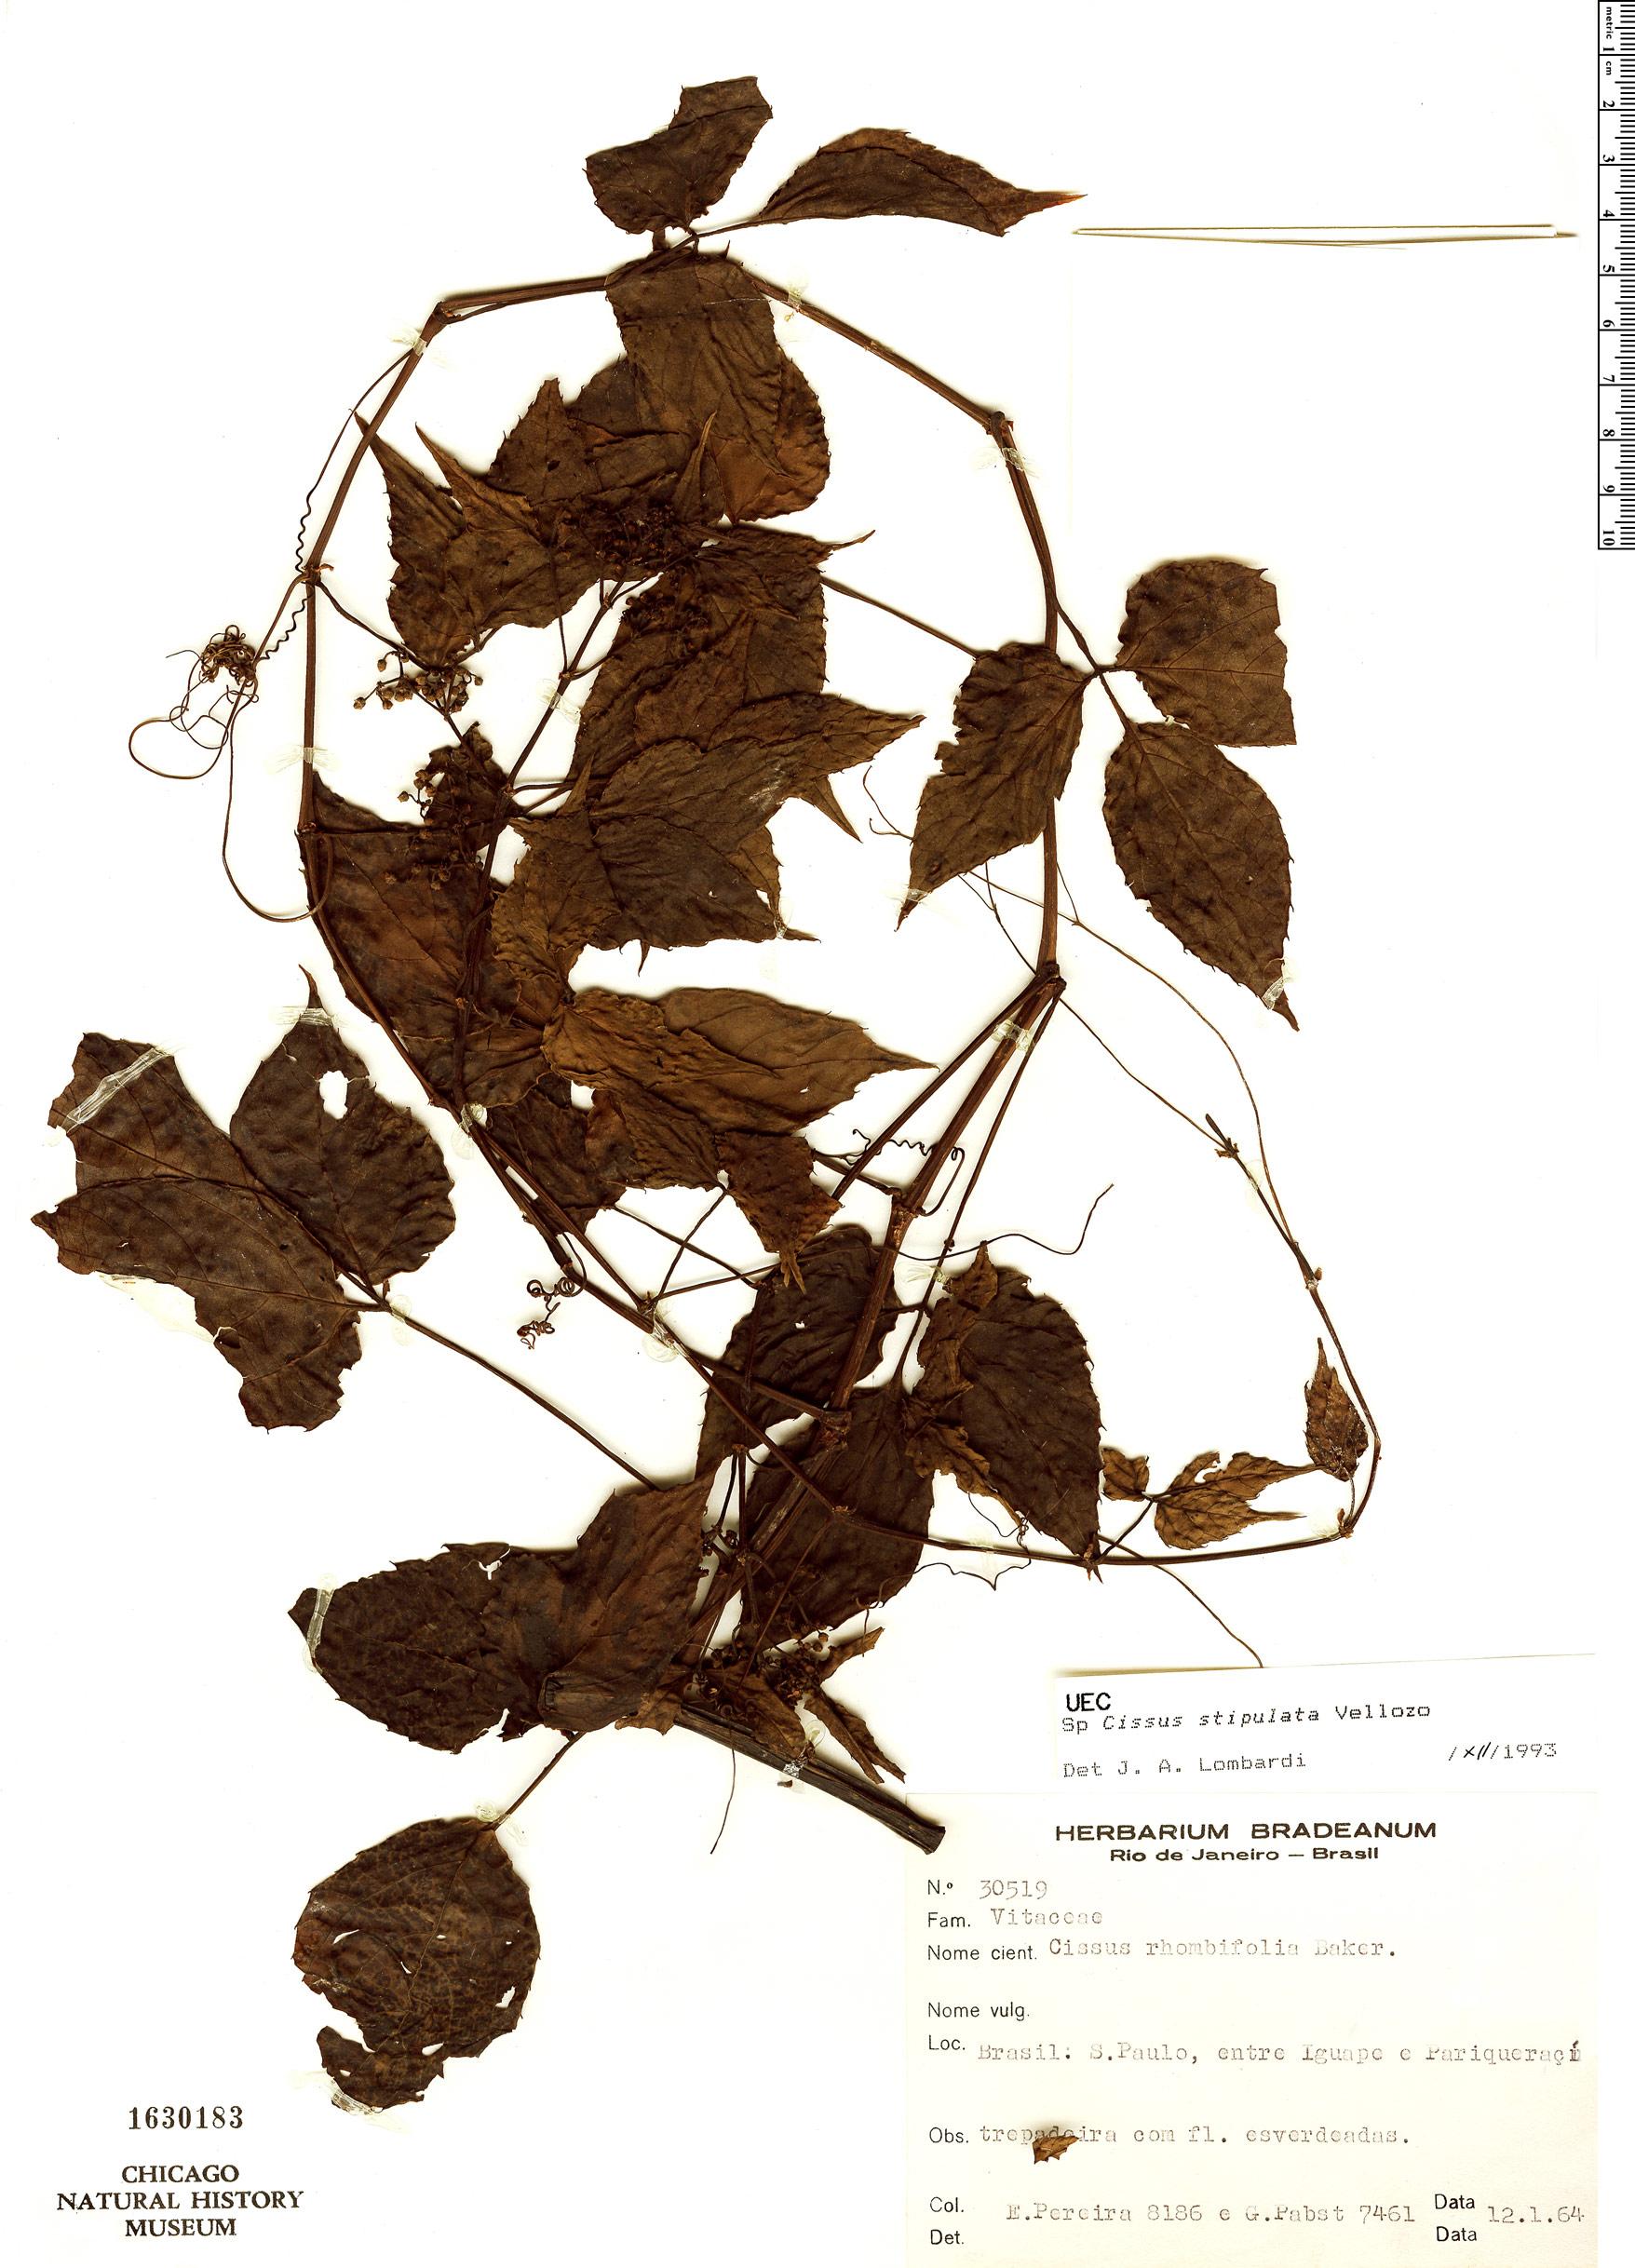 Specimen: Cissus stipulata